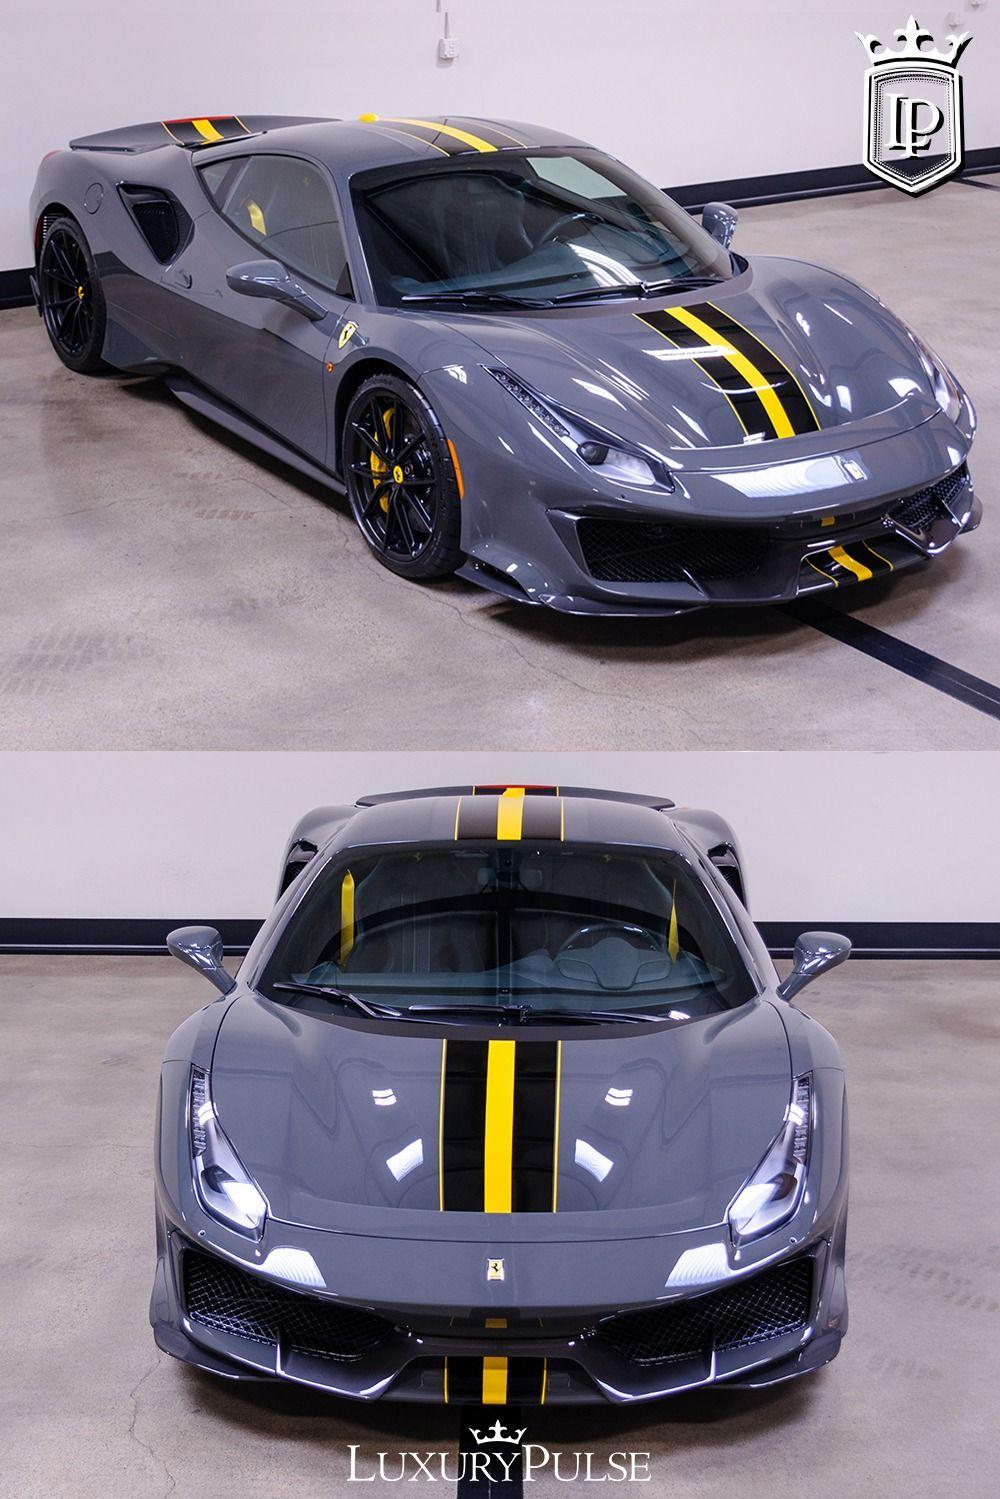 Ferrari 488 Pista In 2020 Ferrari 488 Ferrari Super Cars